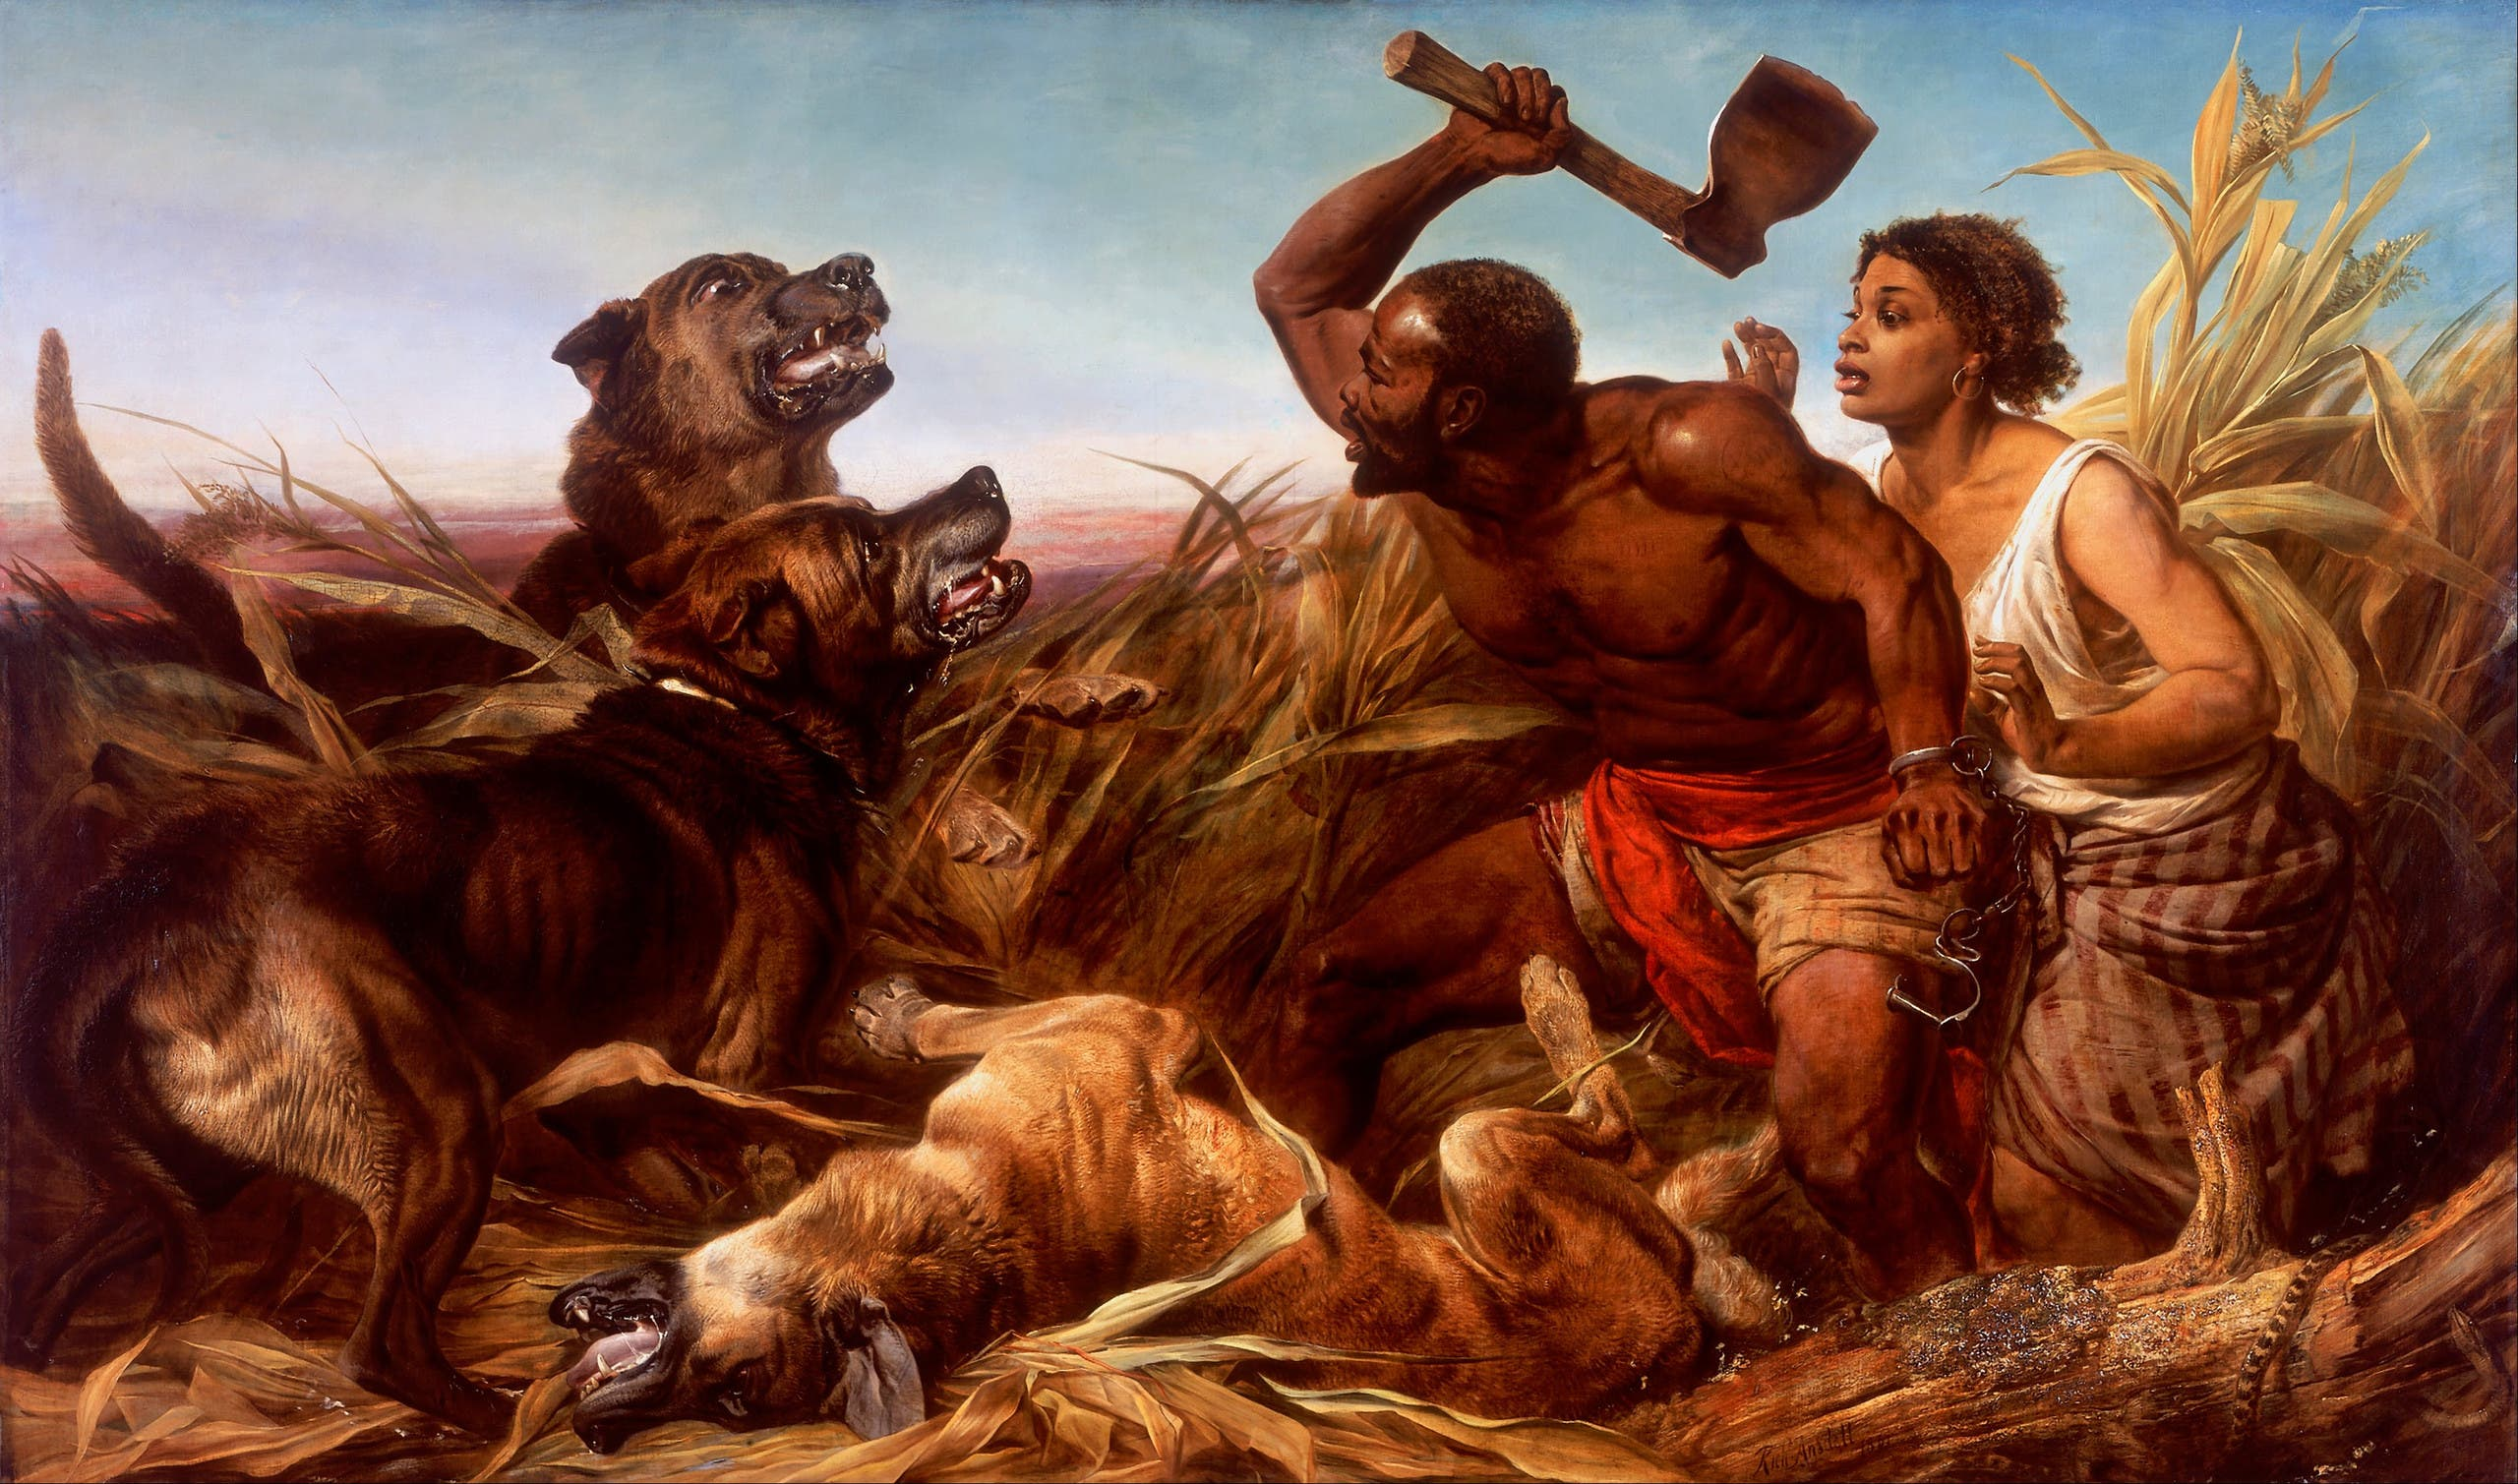 لوحة تجسد كلابا خلال مهاجمتها لأحد الأشخاص